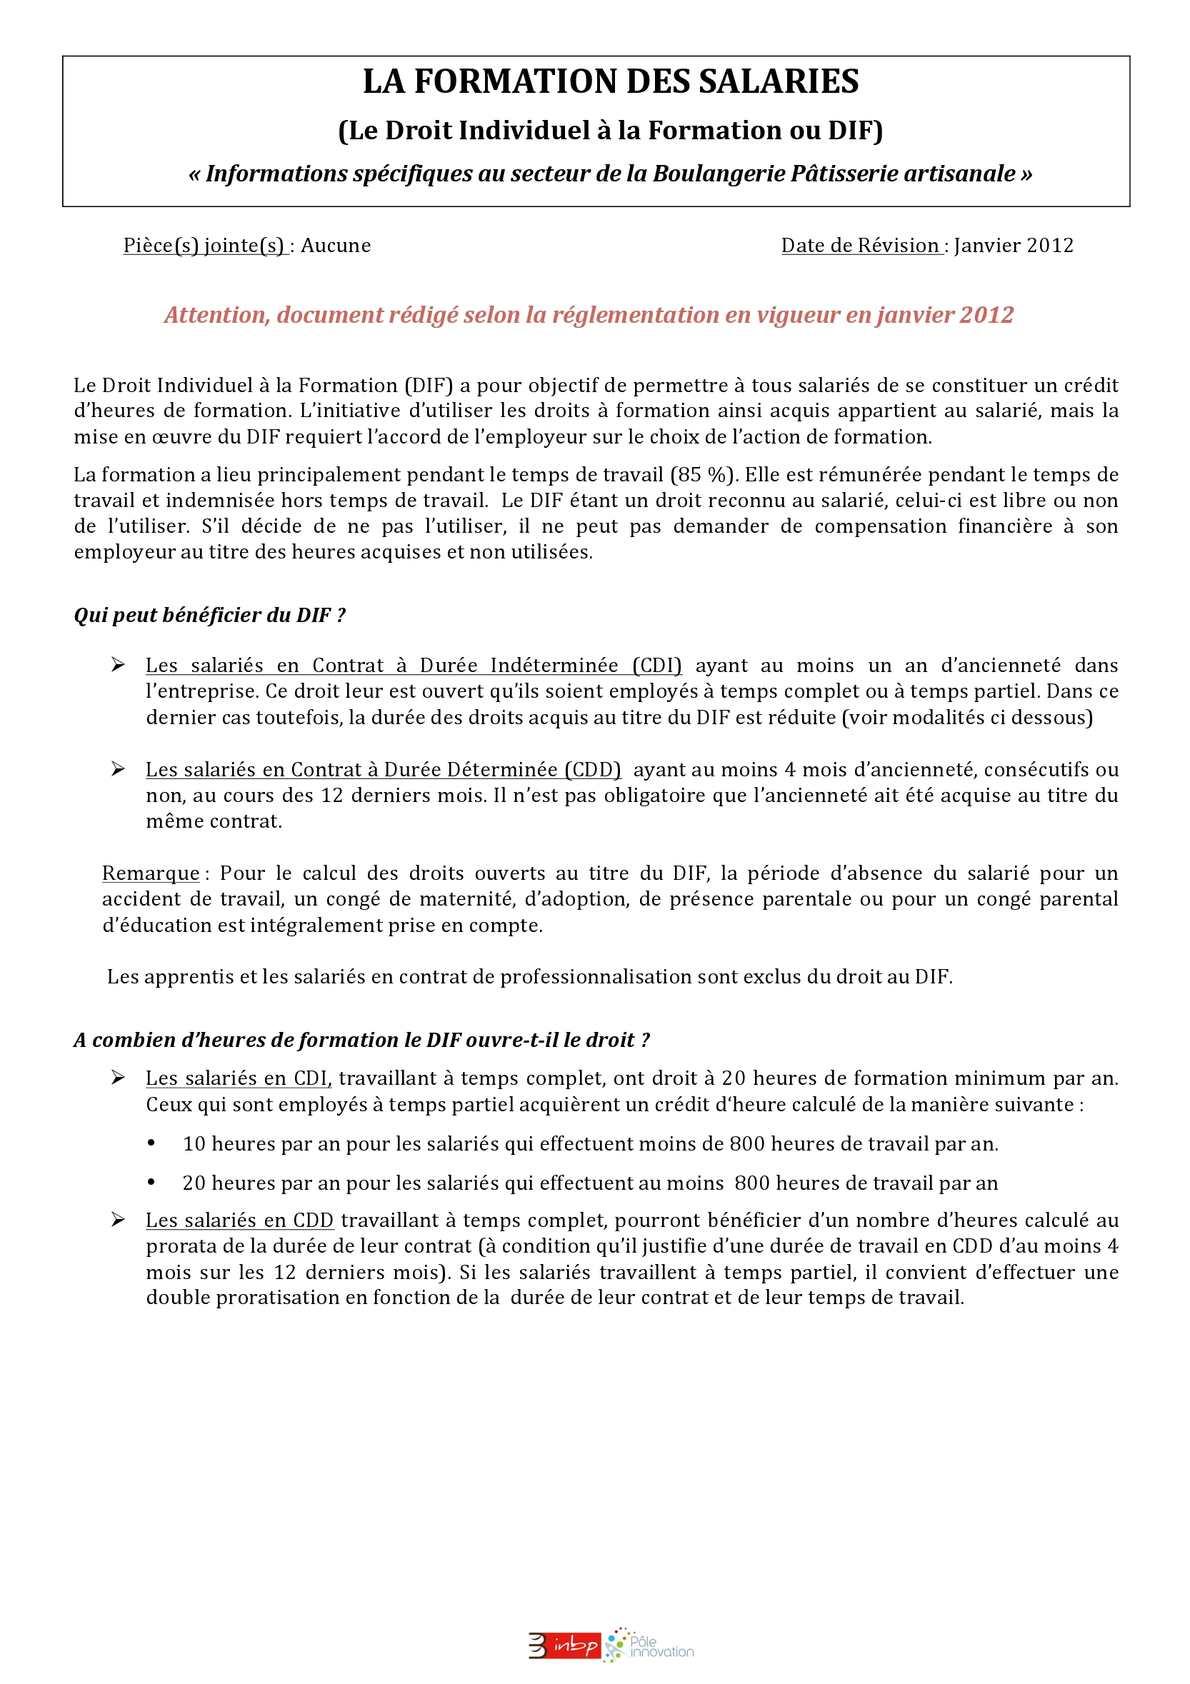 33adbccba78 Calaméo - Le DIF (le Droit Individuel à la Formation)